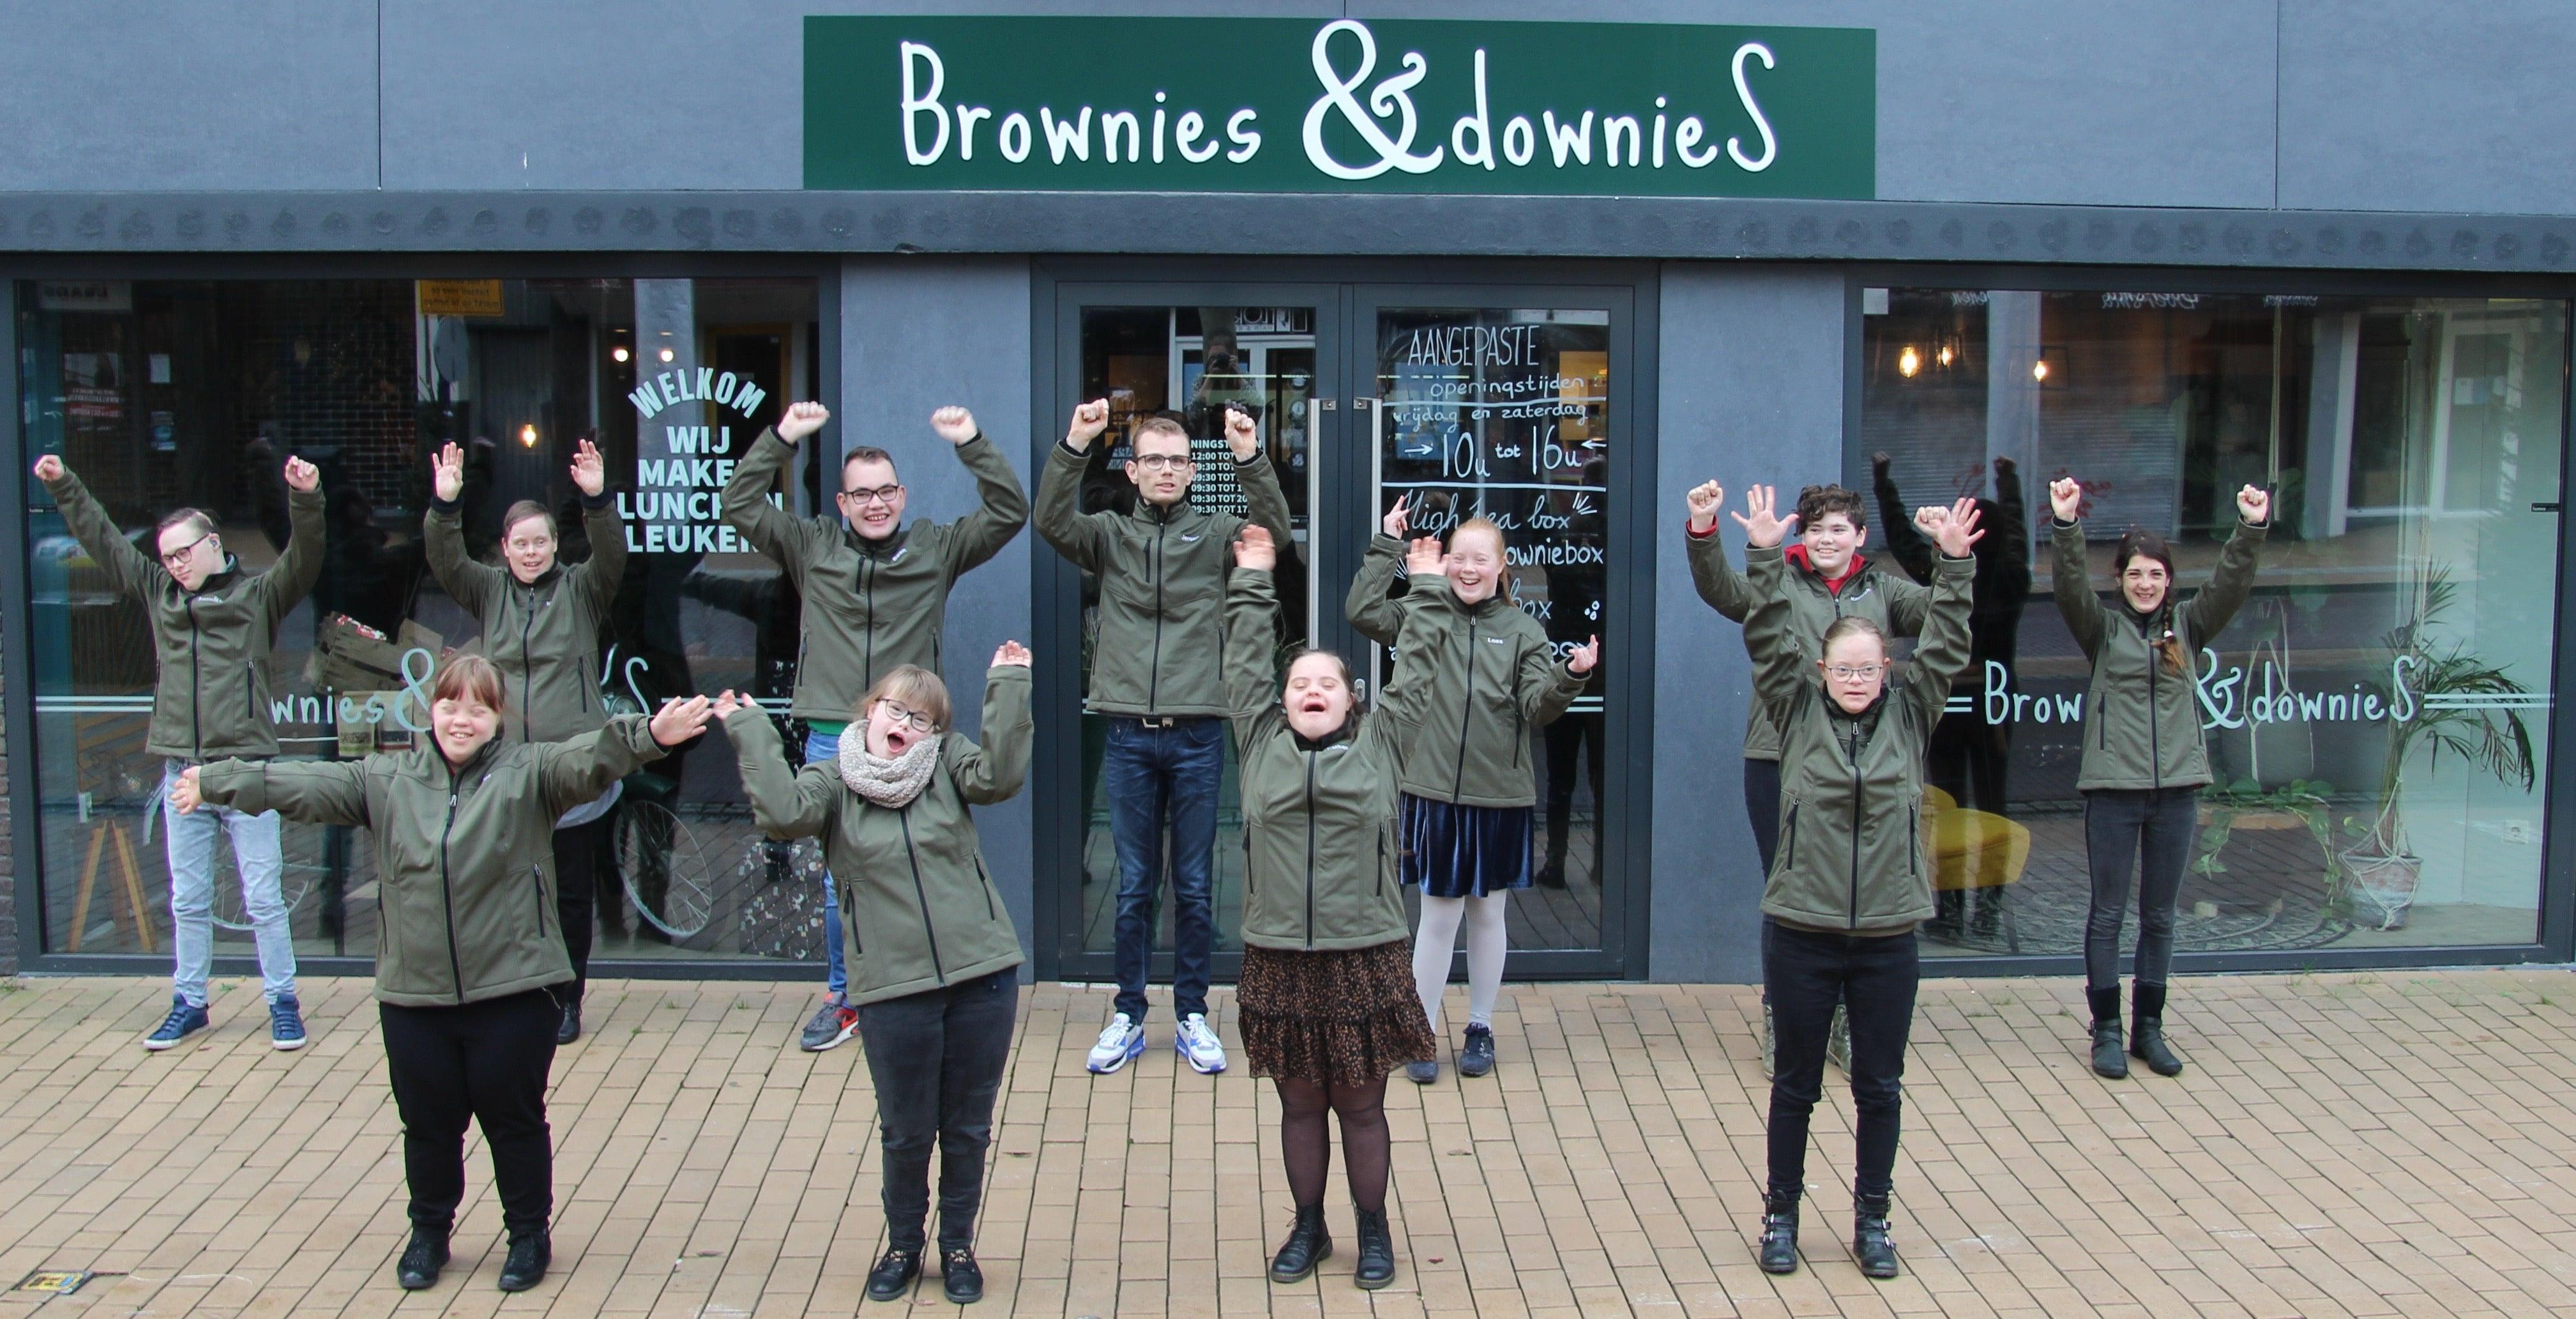 Brownies & downieS Assen